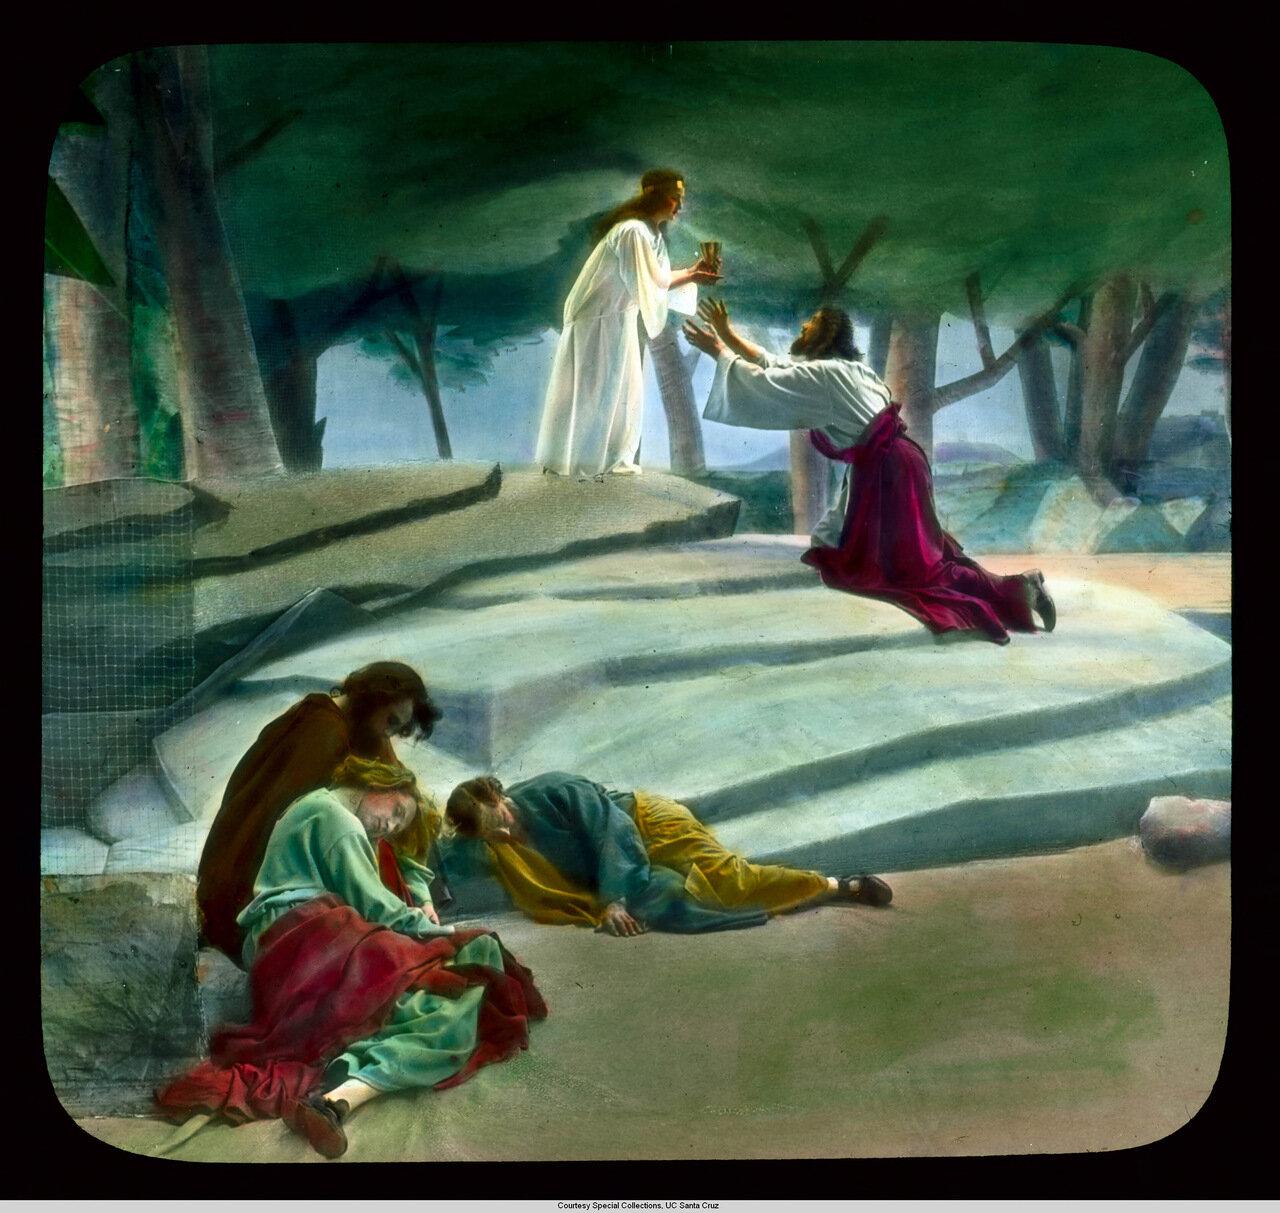 Обераммергау.  Страсти Христовы: сцена в Гефсиманском саду. Постановка 1930 г.